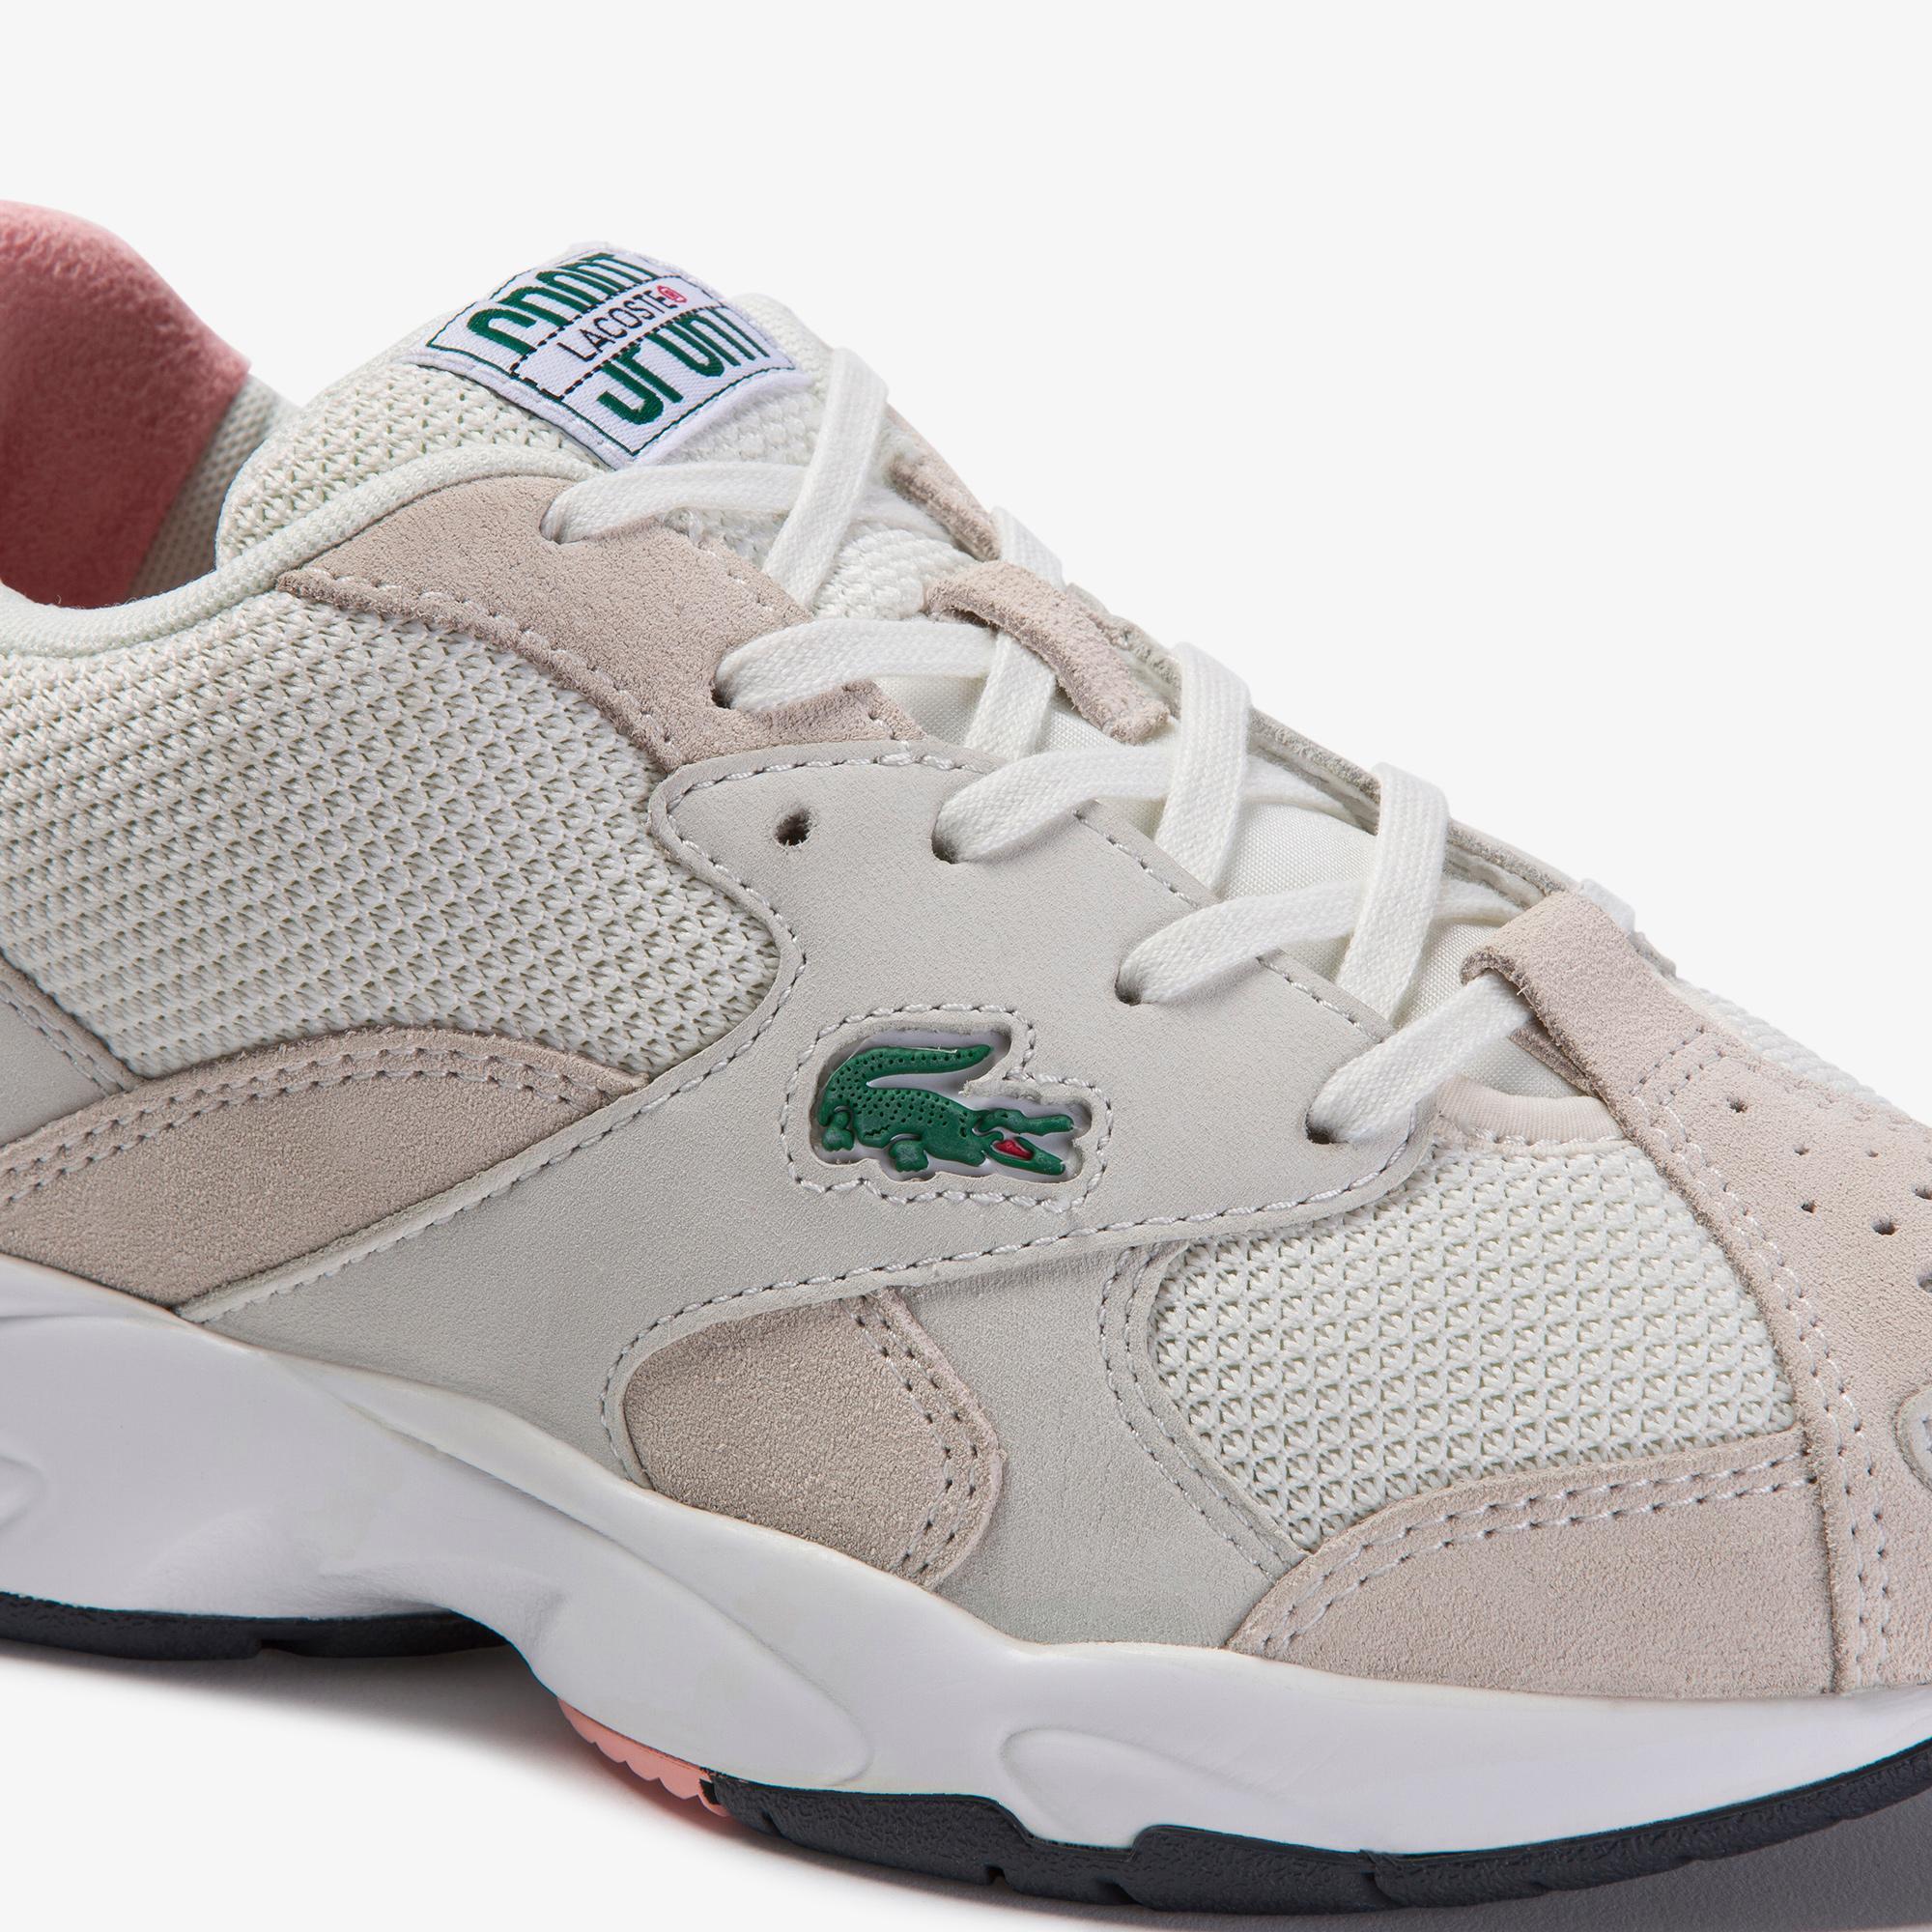 Lacoste Storm 96 120 3 Us Sfa Kadın Beyaz - Pembe Sneaker